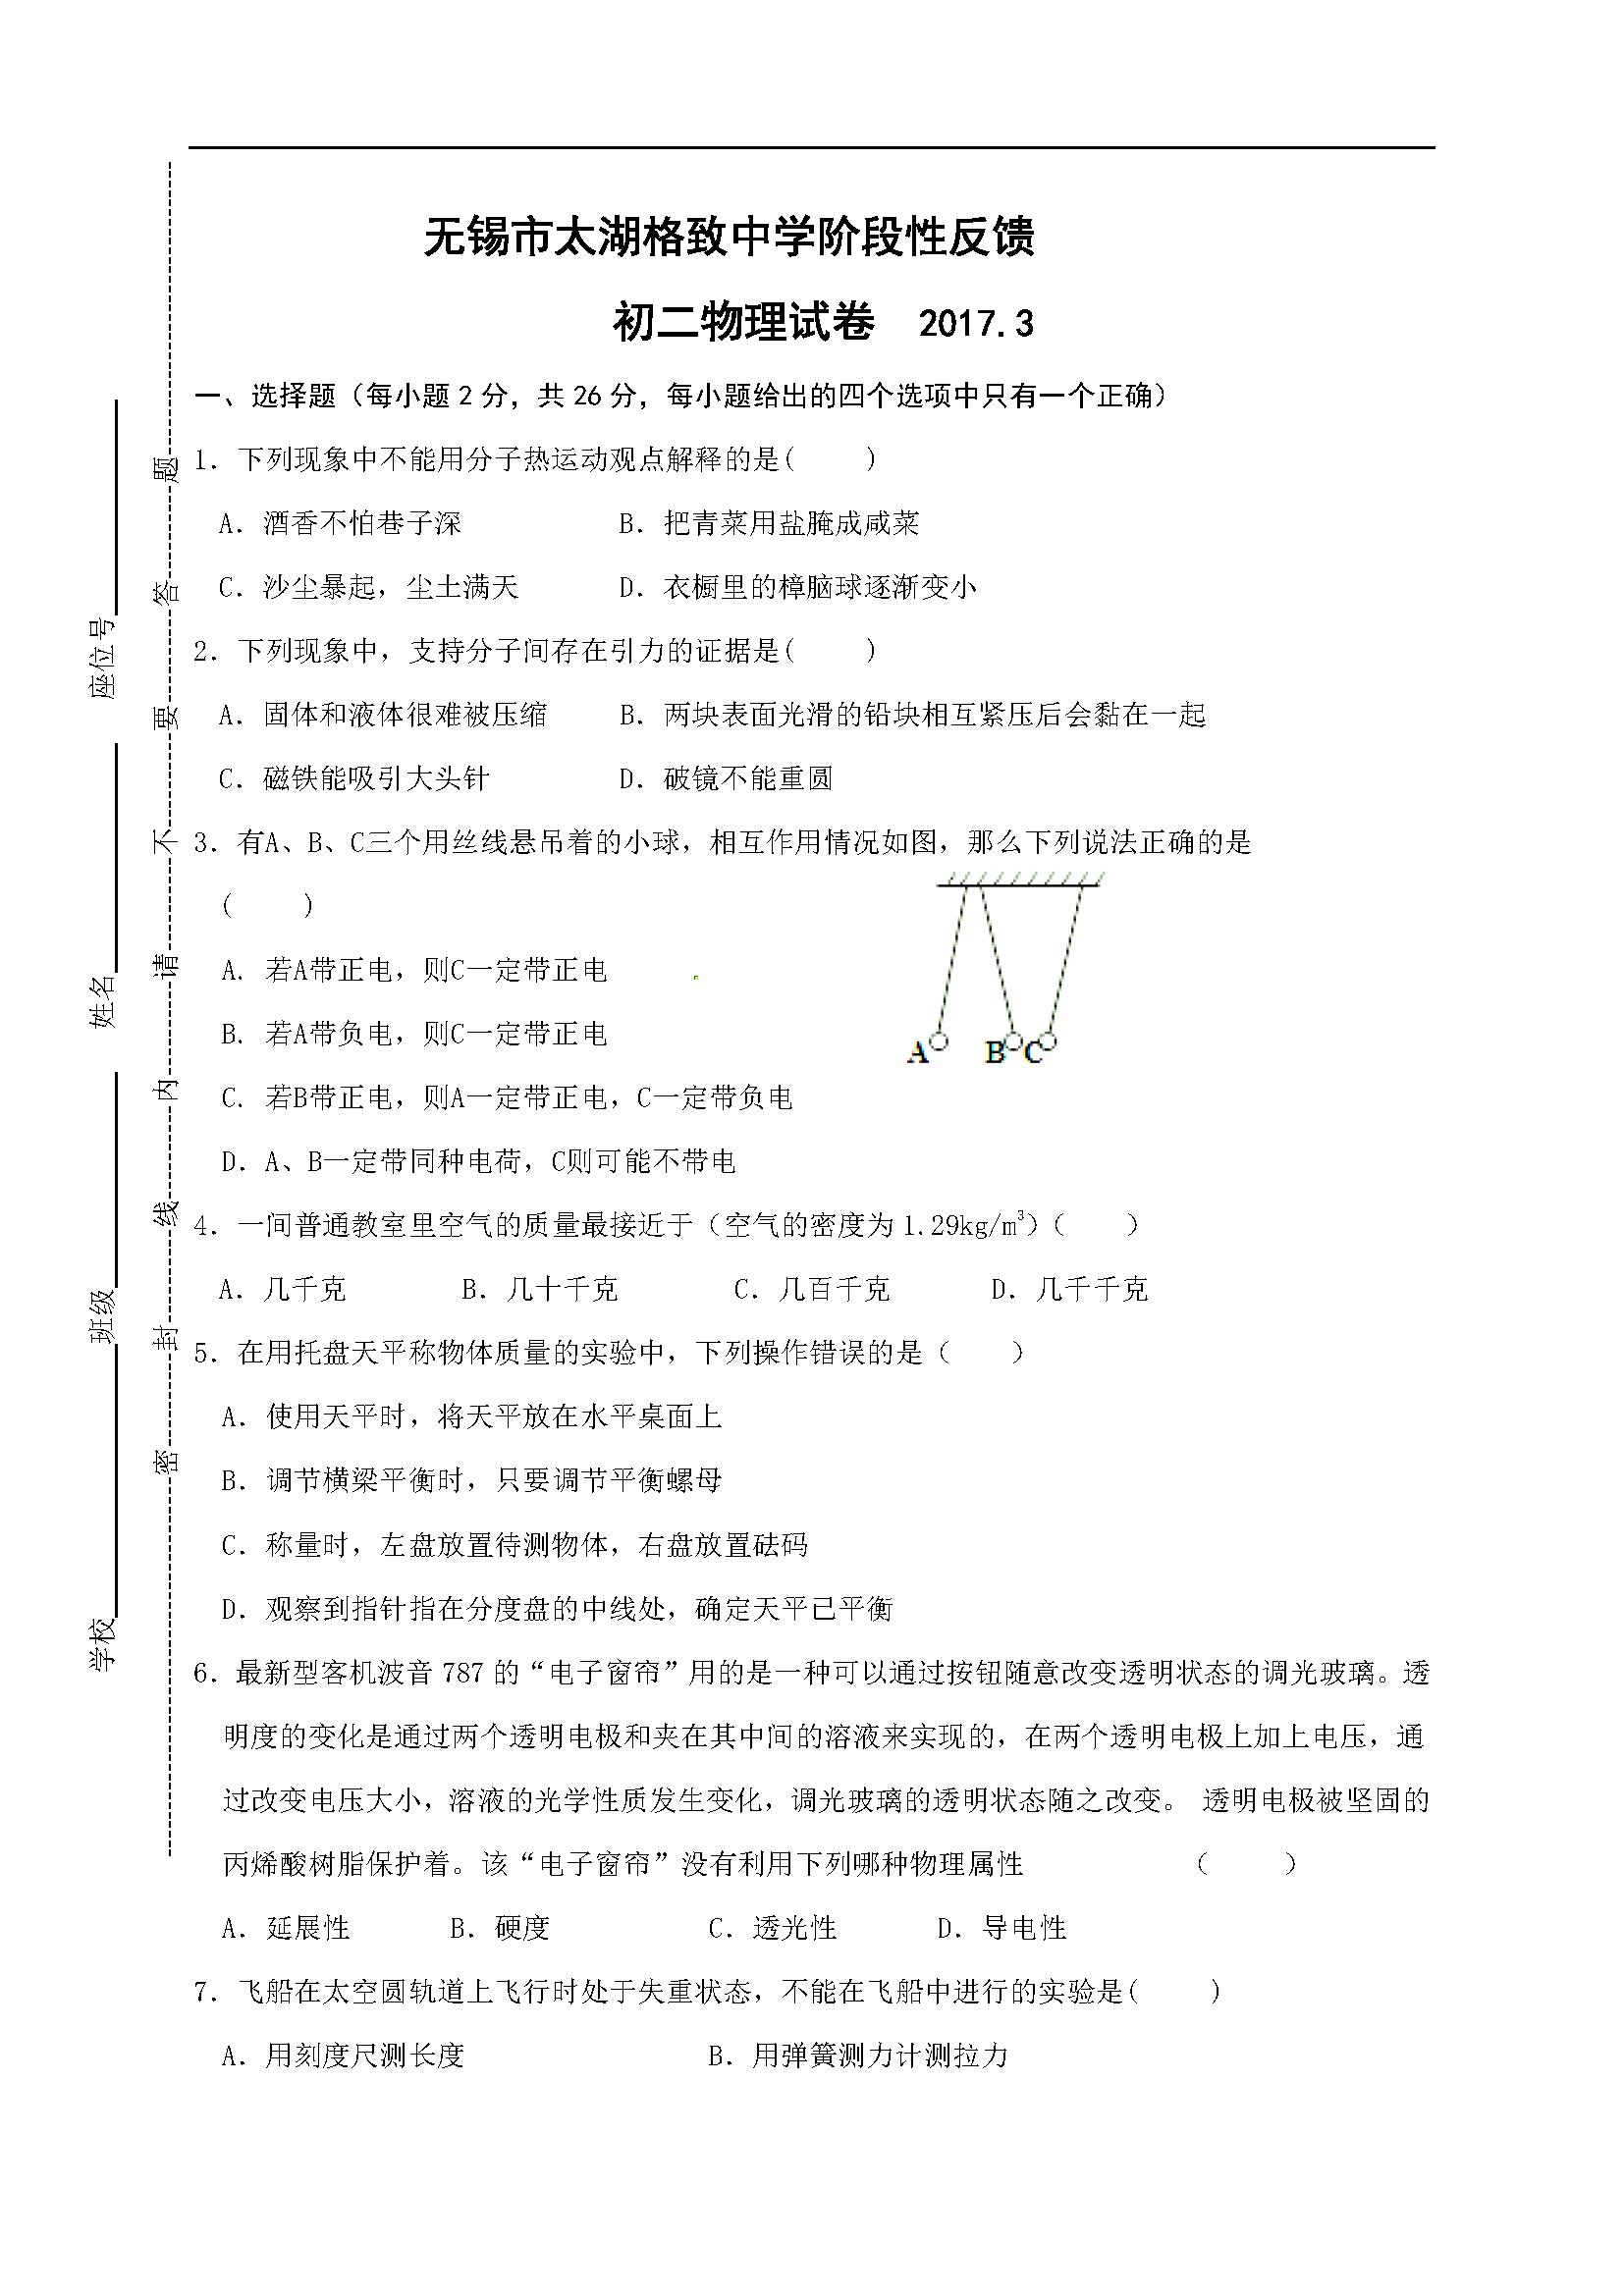 2017江苏无锡太湖格致中学八年级3月月考物理试题(图片版)